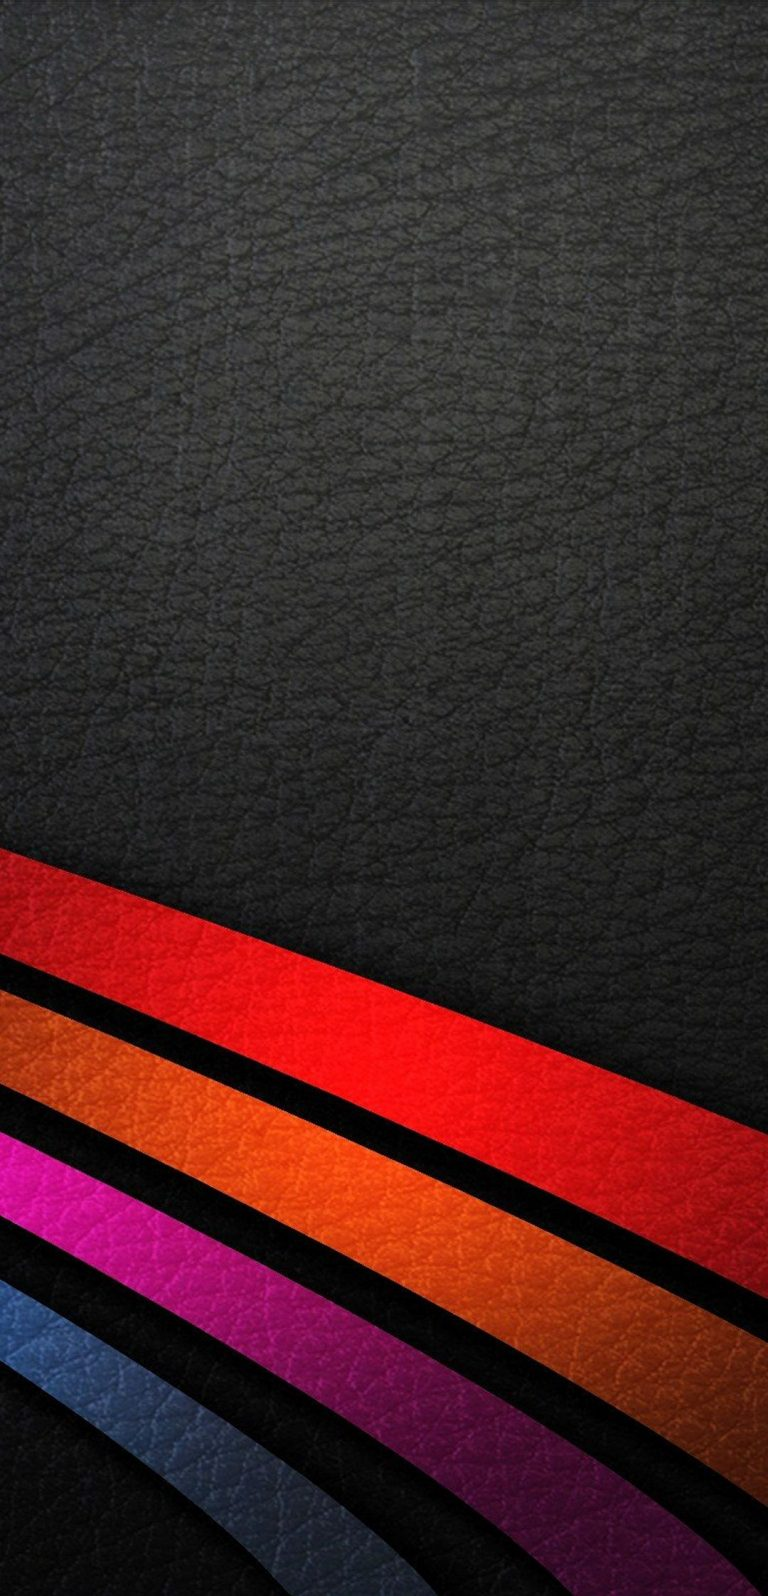 Strips 1080x2244 768x1596